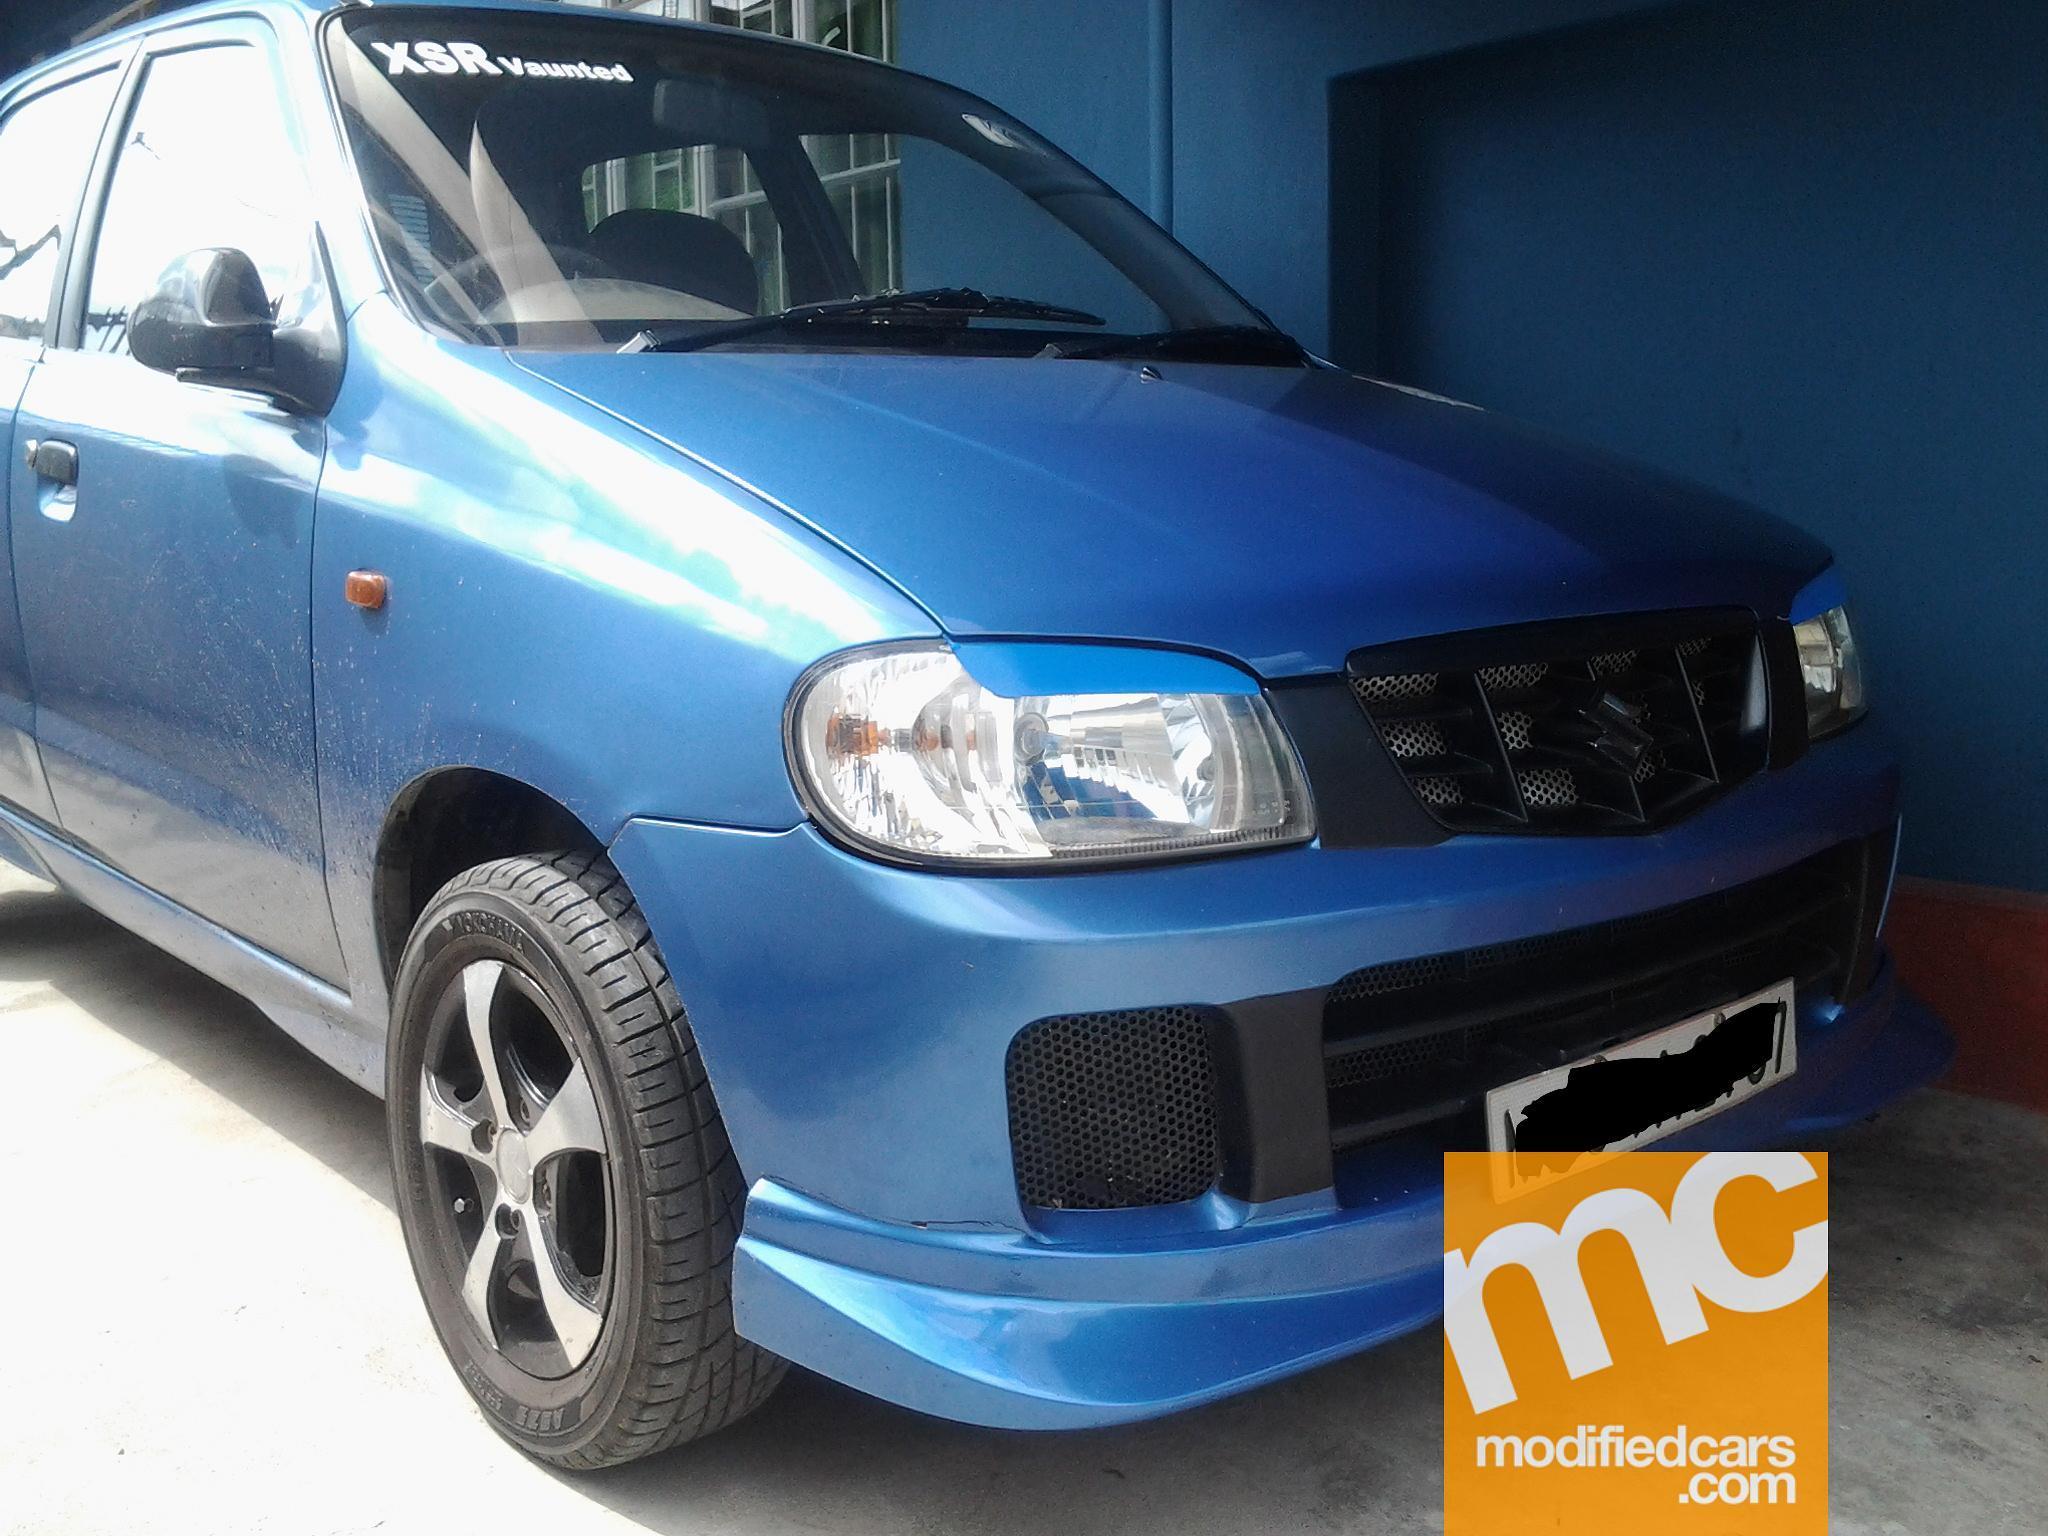 Maruti Suzuki Alto Modified Car Wallpaper Modified Maruti